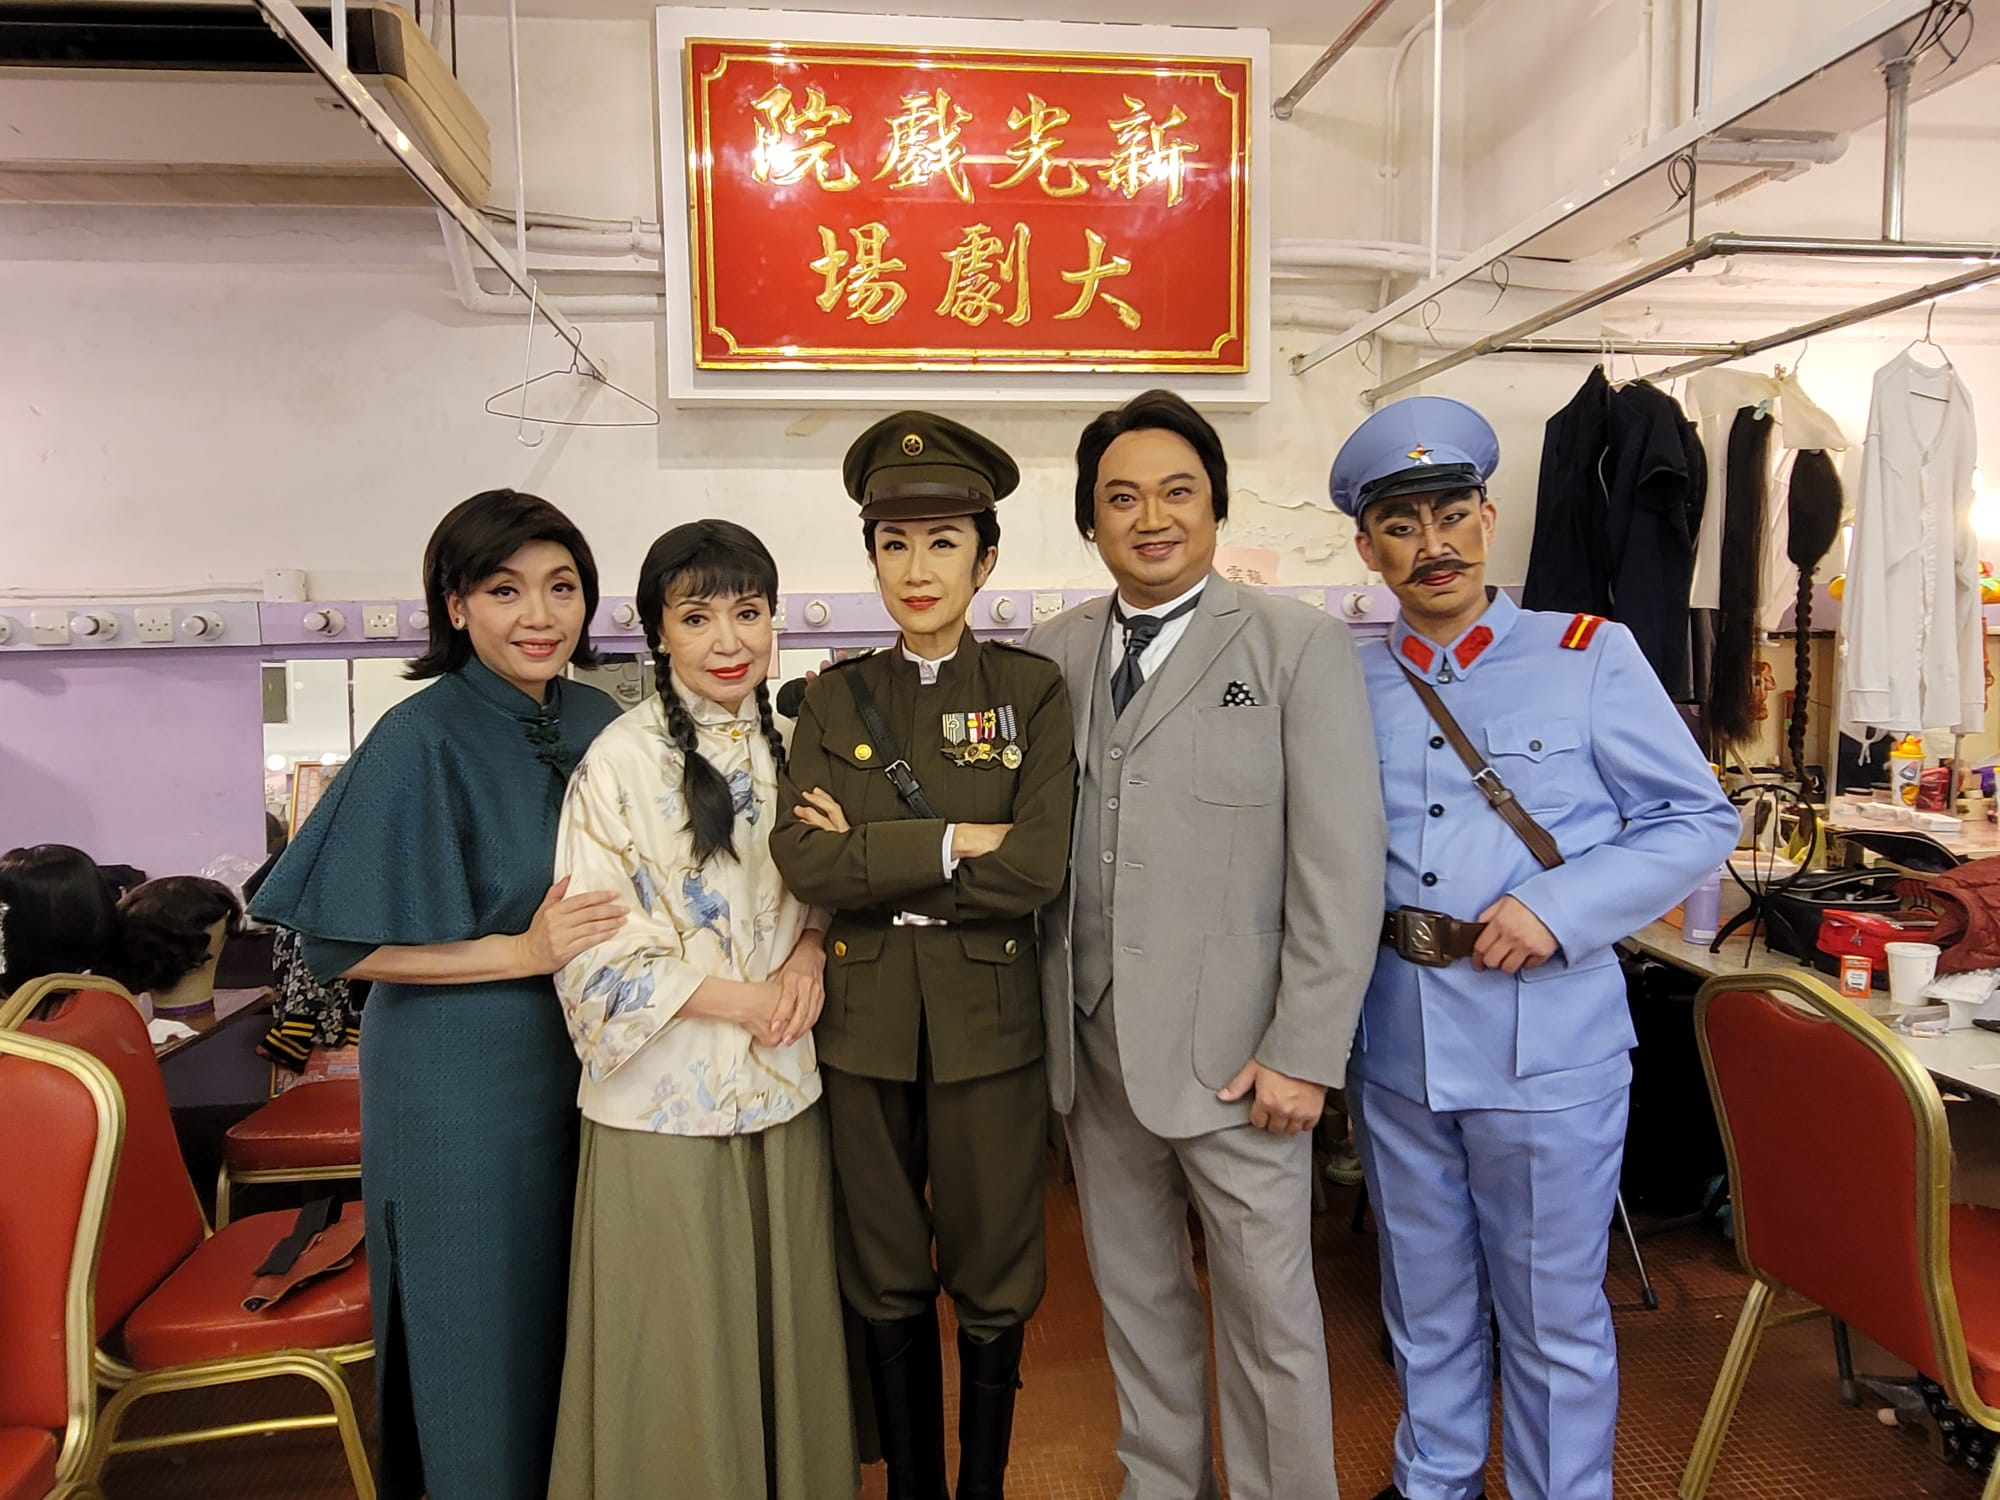 《共和三夢》十月移師戲曲中心  李居明再編新劇《智擒四人幫》